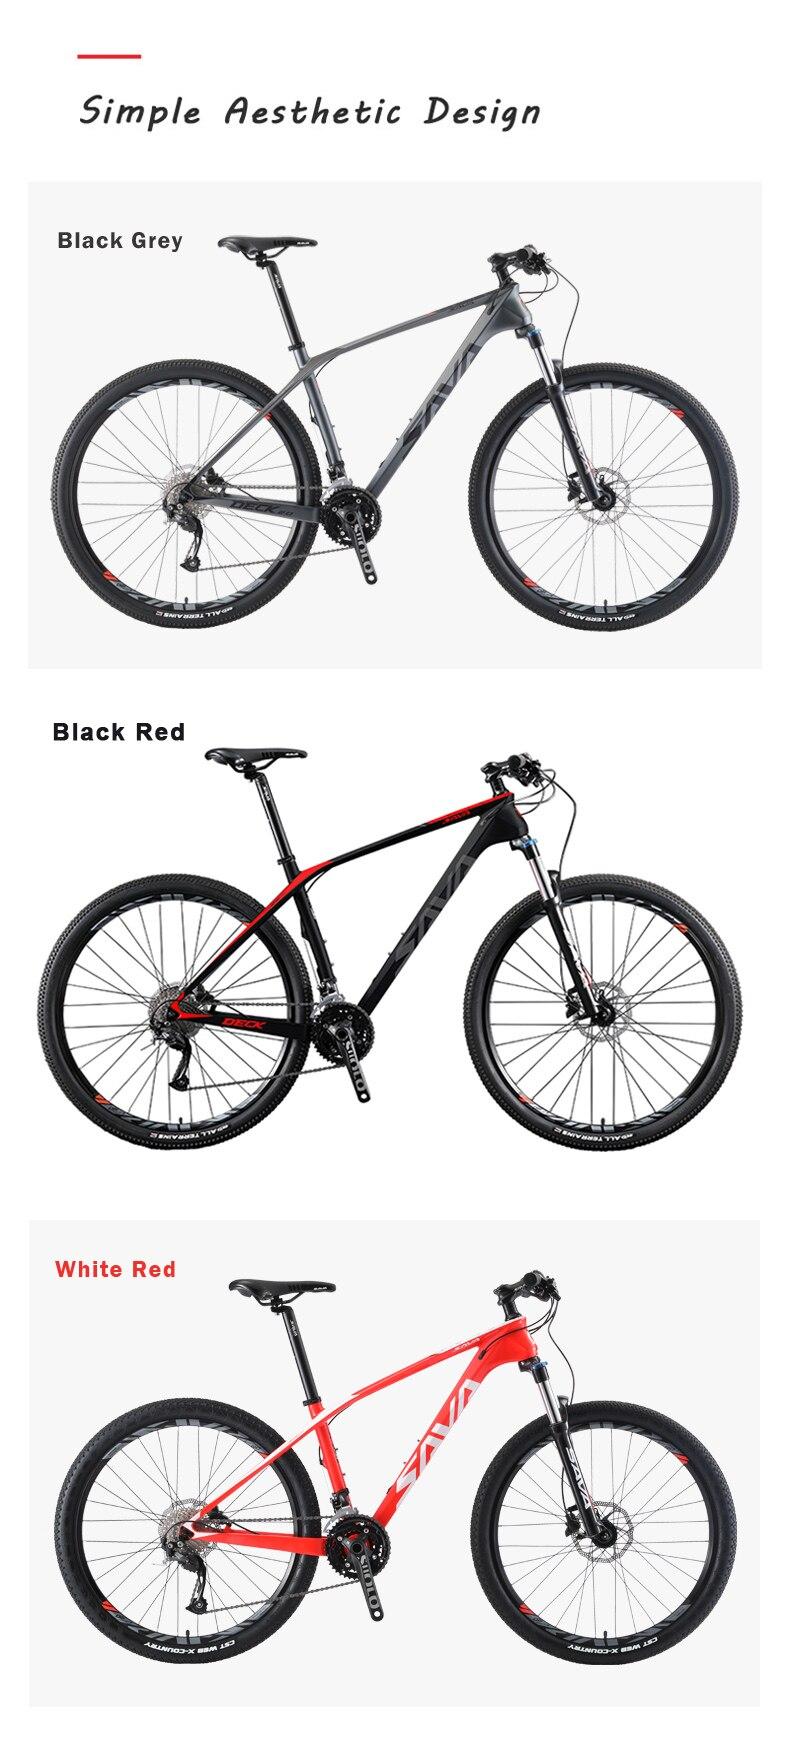 HTB1fFBQV4jaK1RjSZFAq6zdLFXaz SAVA mountain bike 29 mtb Carbon Mountain Bike 29 Men mtb DECK2.0 Mountainbike Bicycle Bikes Mens mountain 29 bicicleta mtb